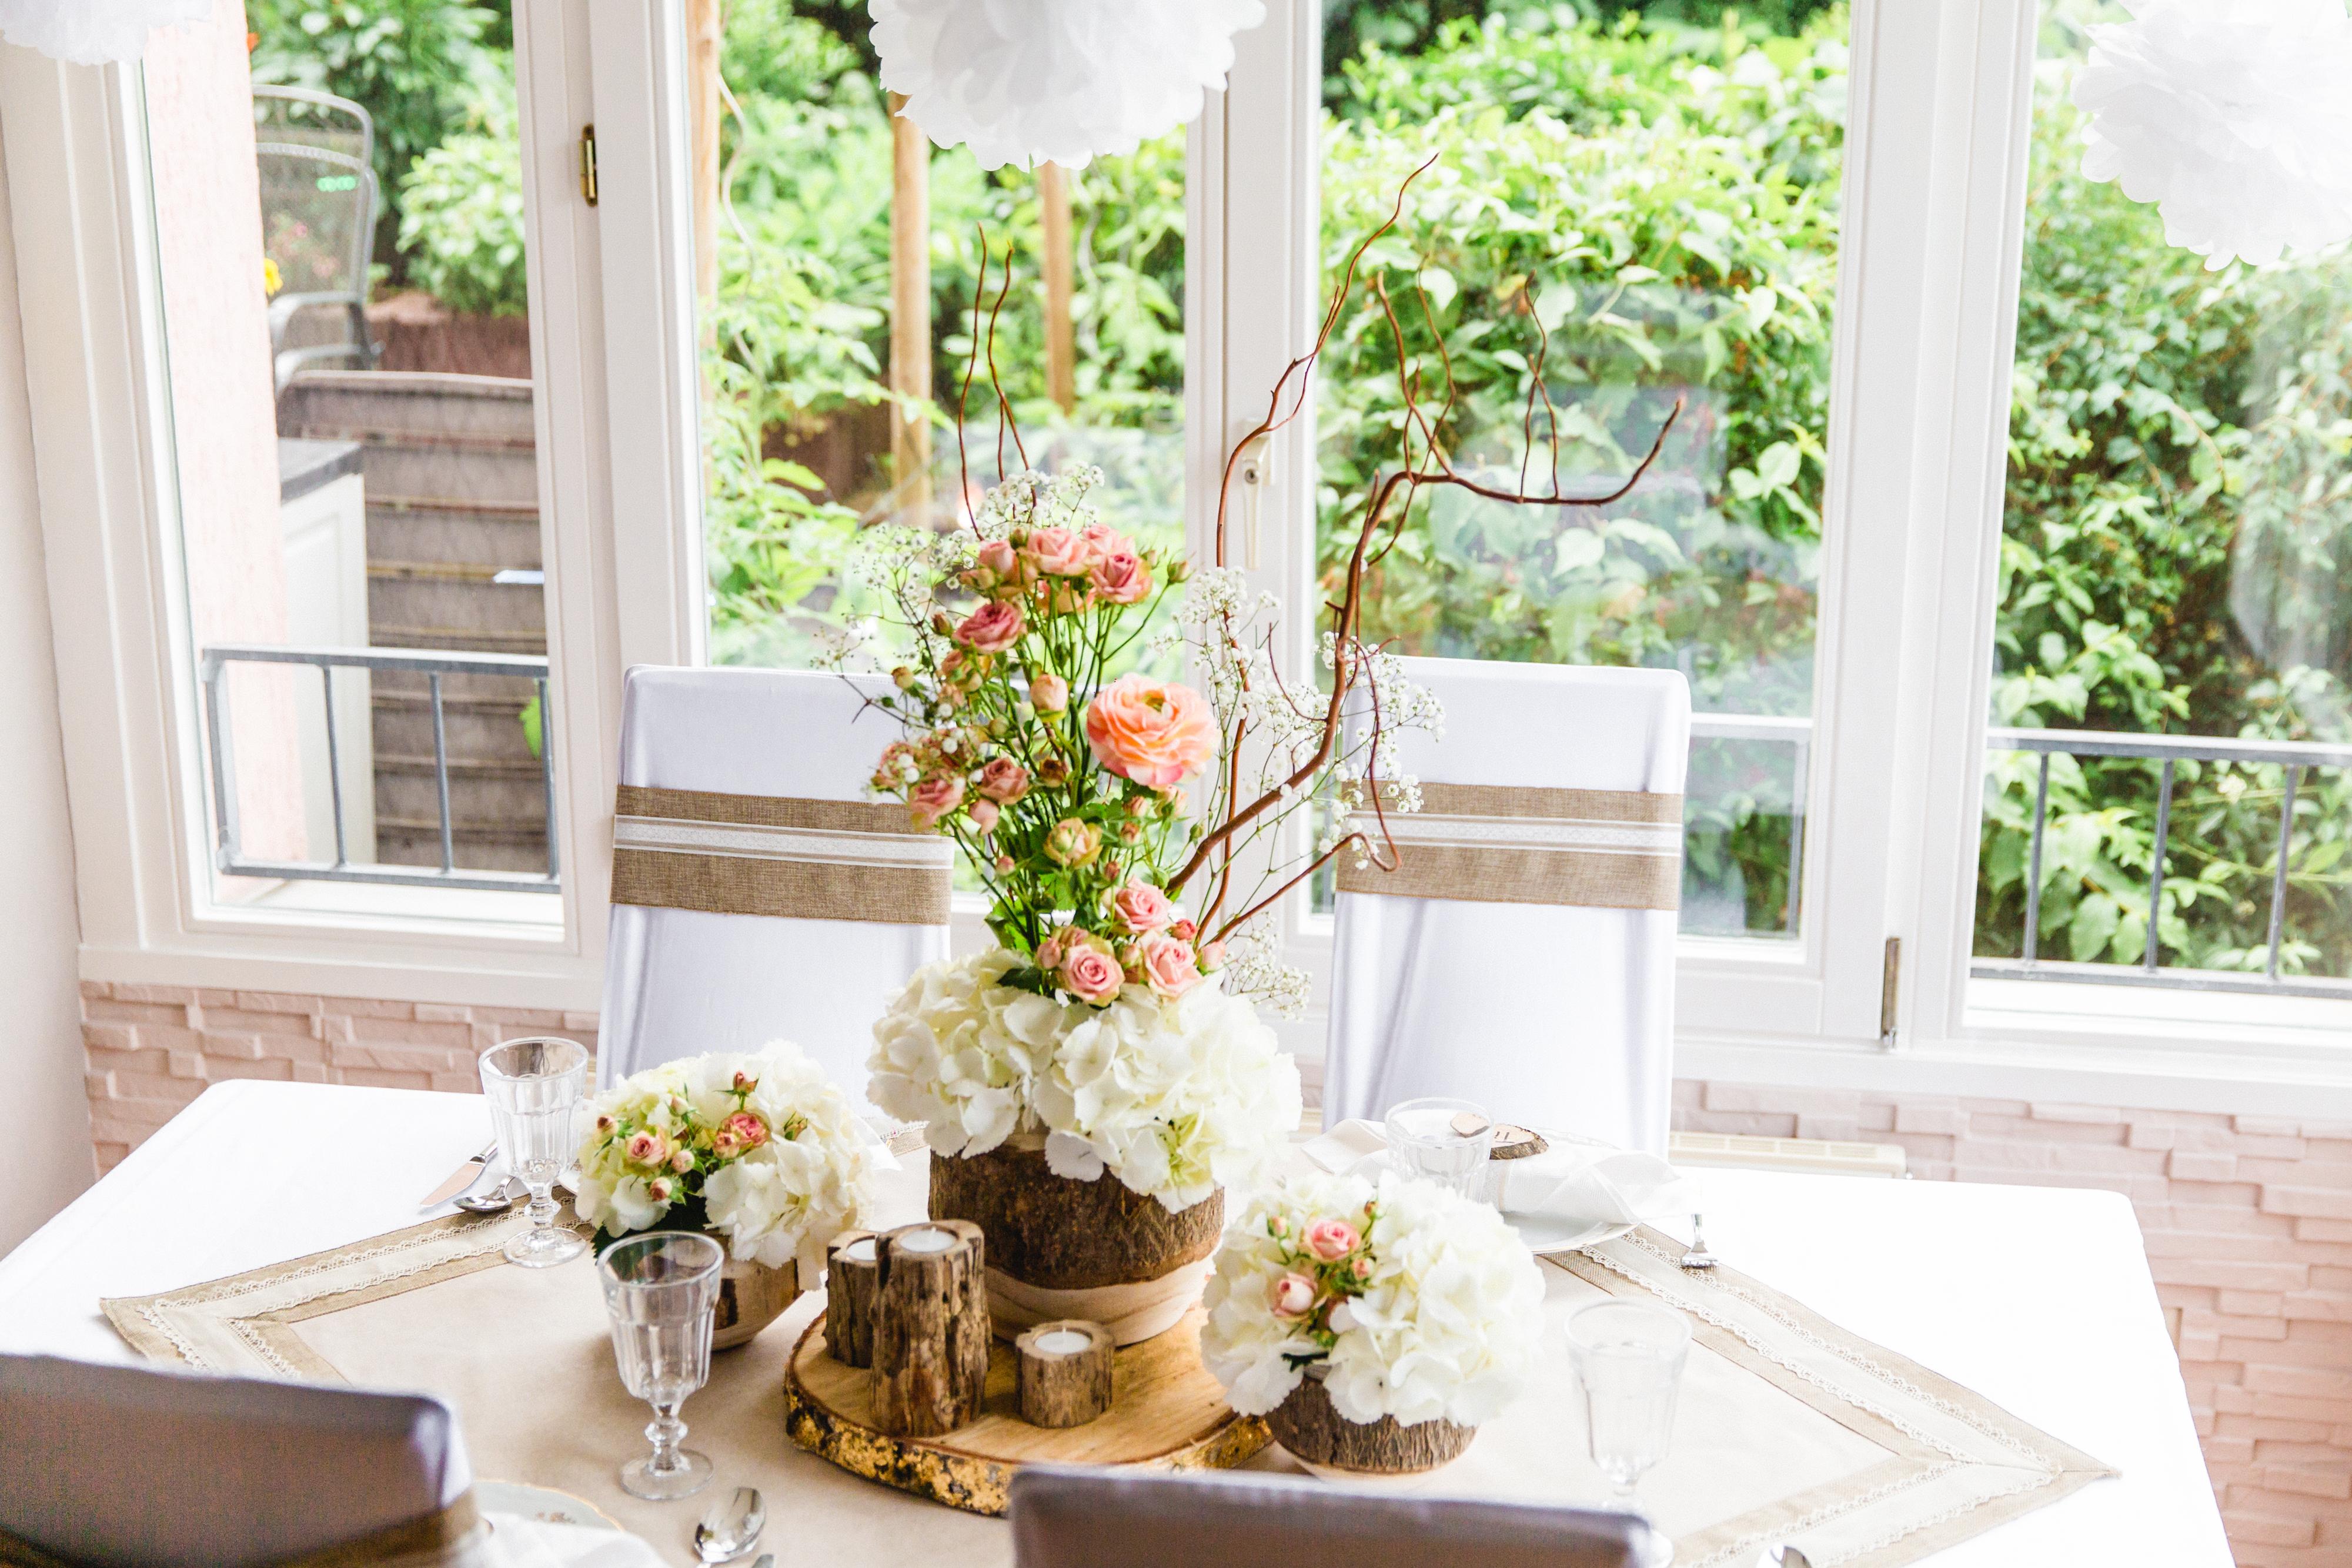 Fabrik Der Liebe Rustikale Hochzeitsdekoration